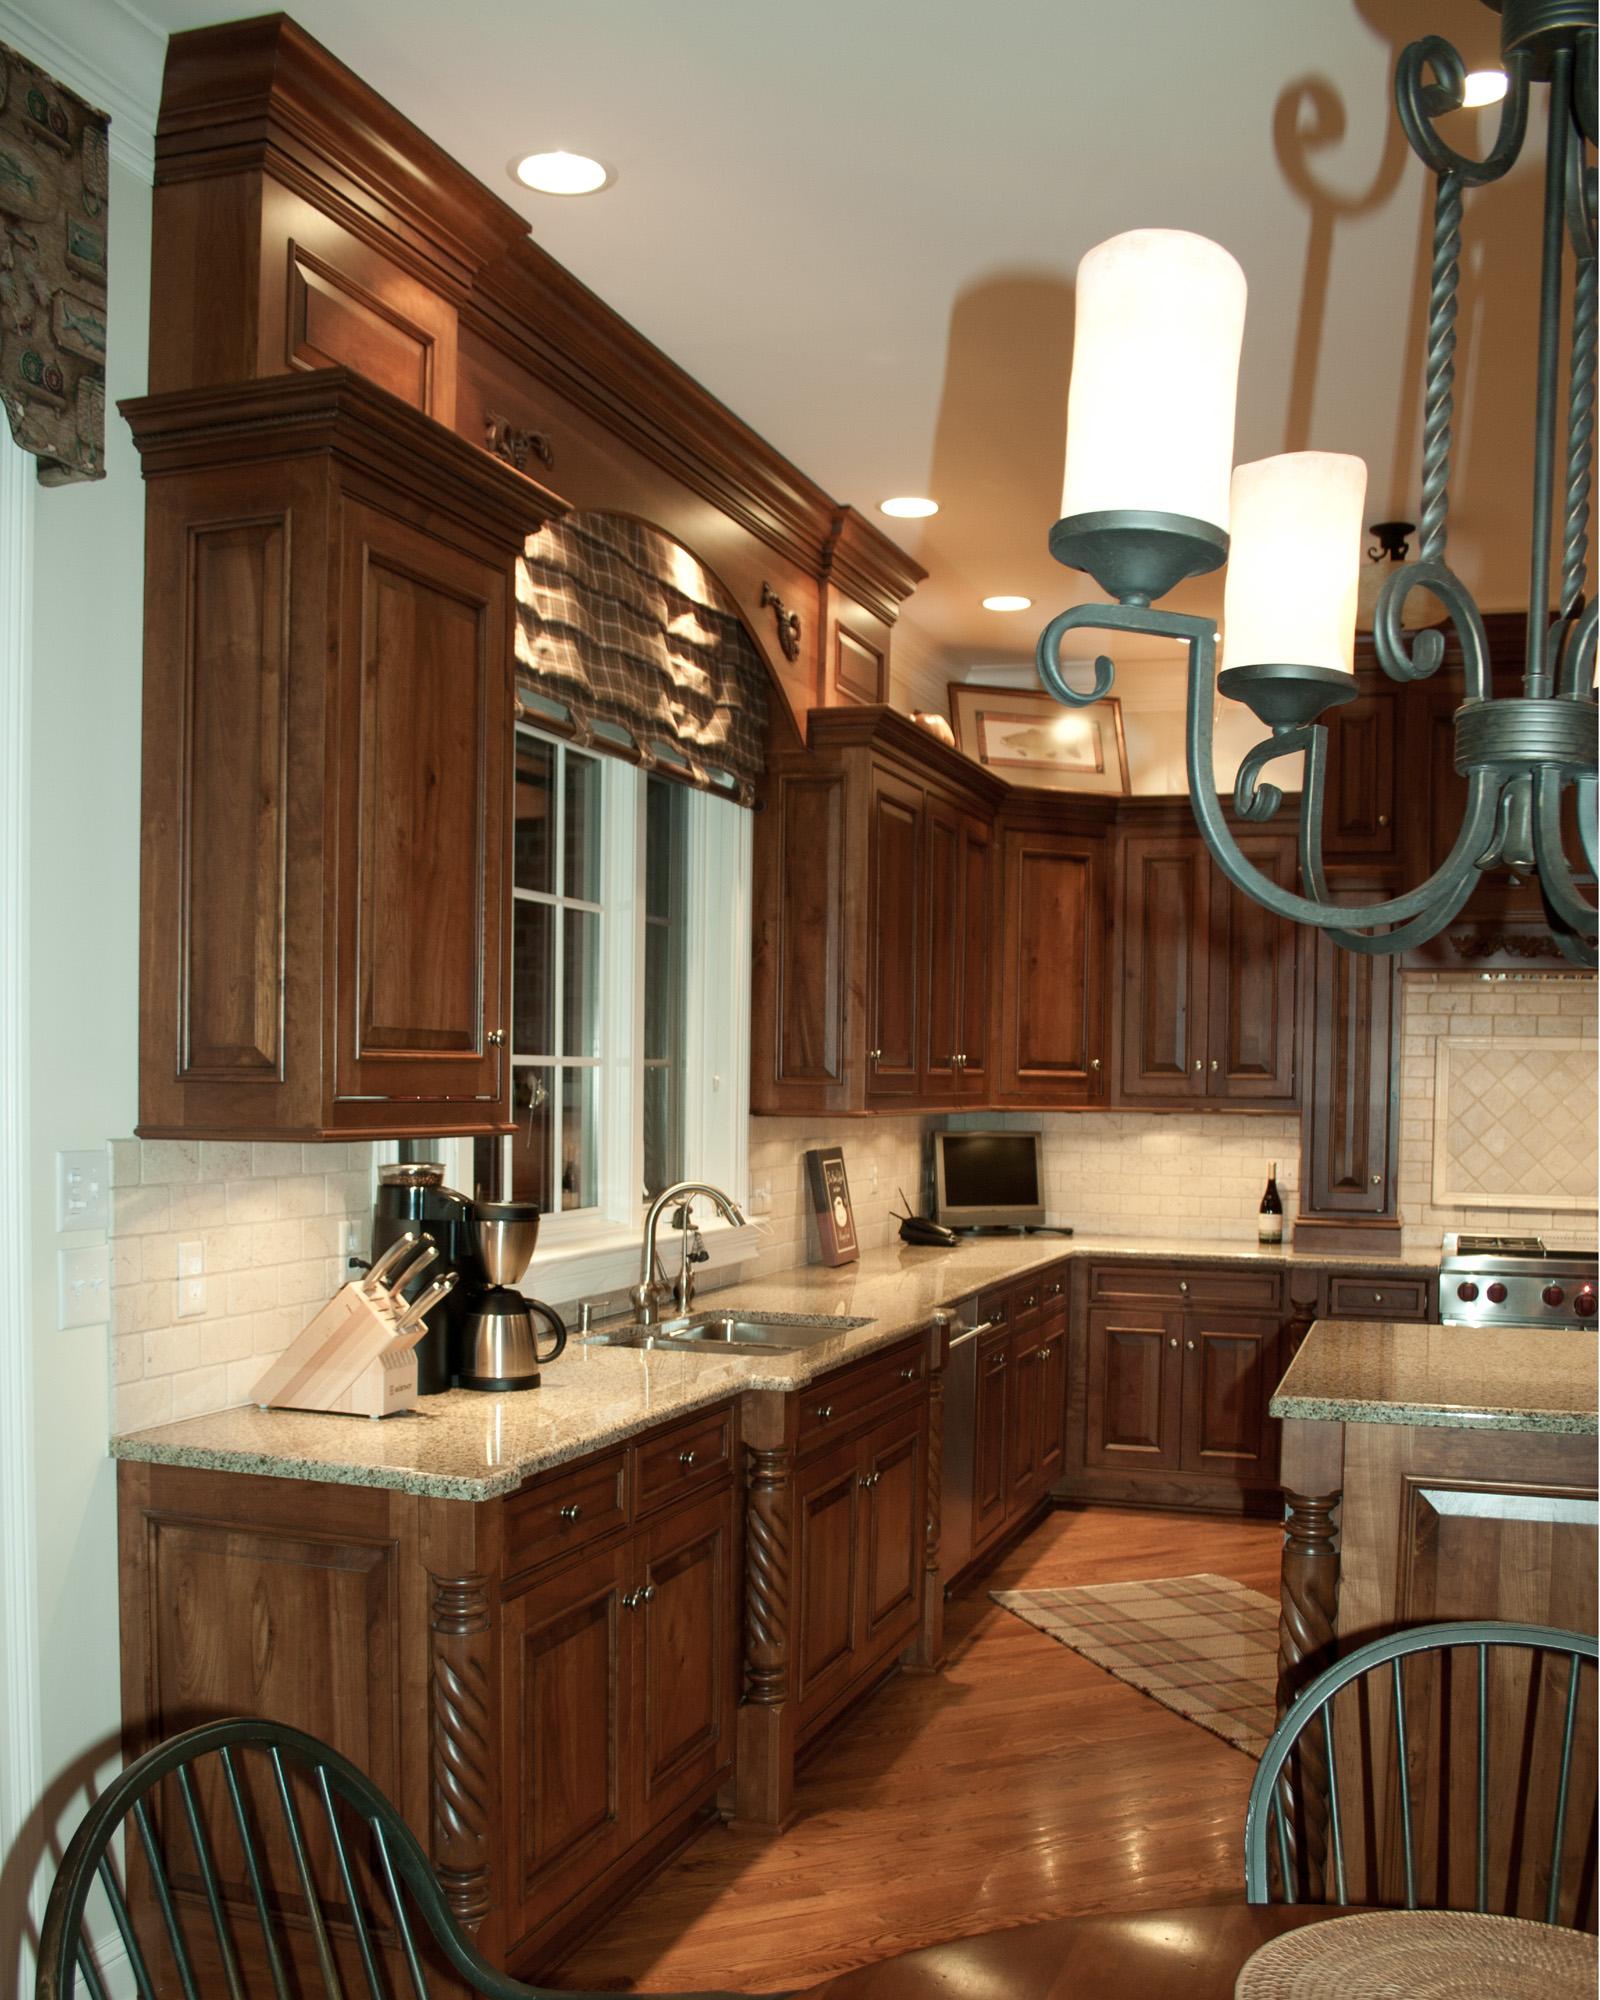 Farmhouse Kitchen And Wares Staunton: Lantz Custom Woodworking